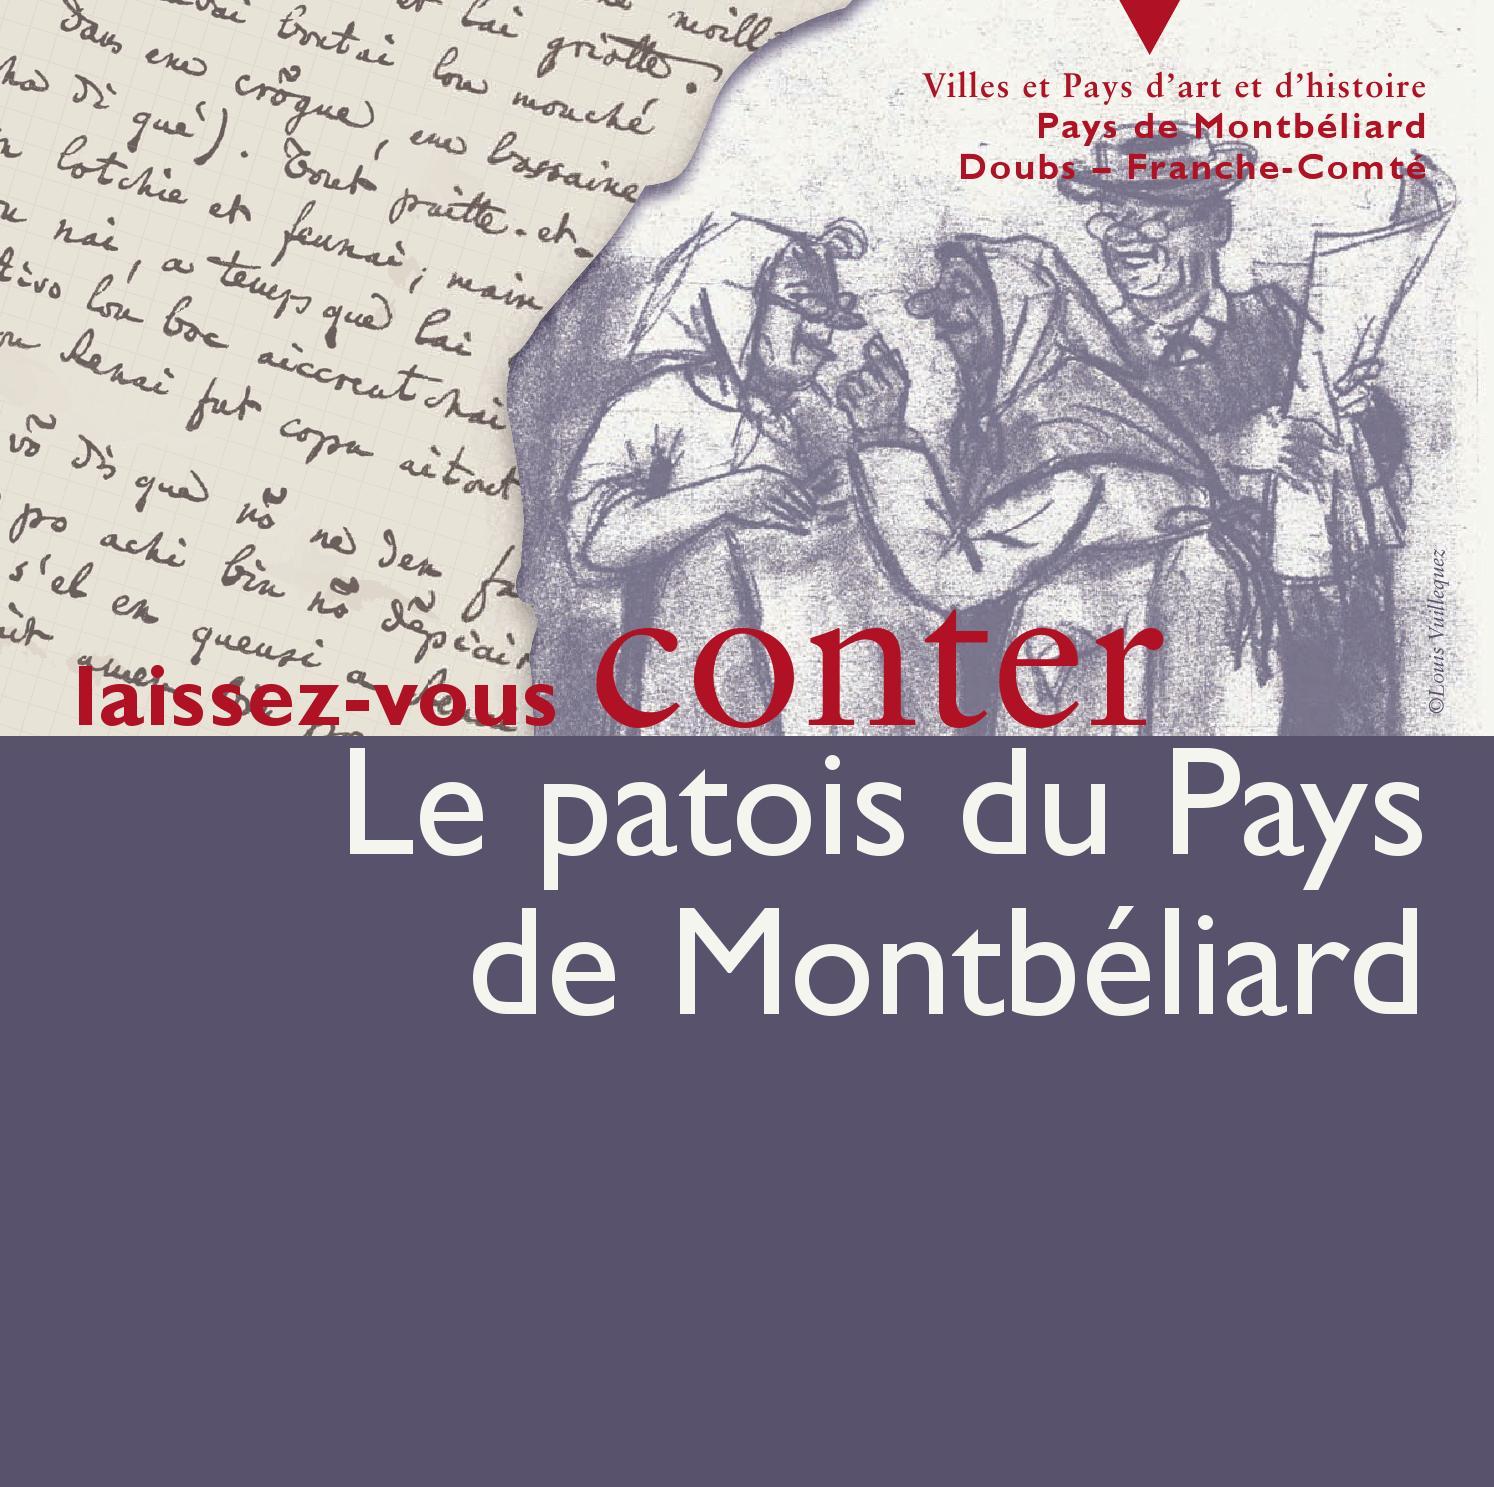 """Cours De Dessin Montbéliard livret découverte """"le patois du pays de montbéliard"""""""